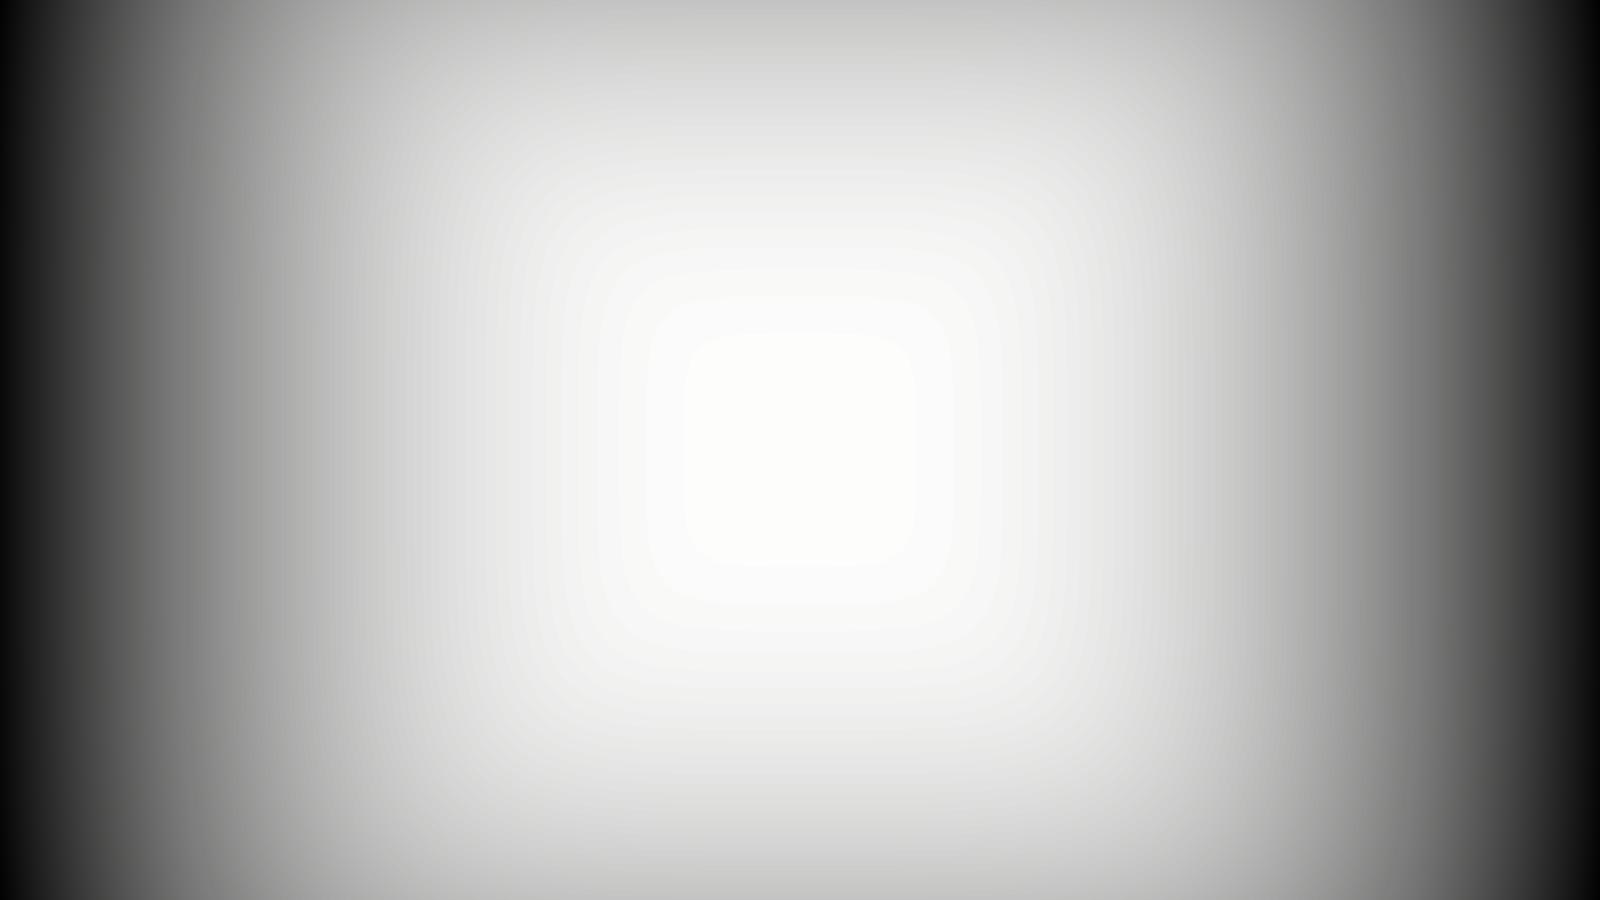 Как реализован рендеринг «Ведьмака 3»: молнии, ведьмачье чутьё и другие эффекты - 47